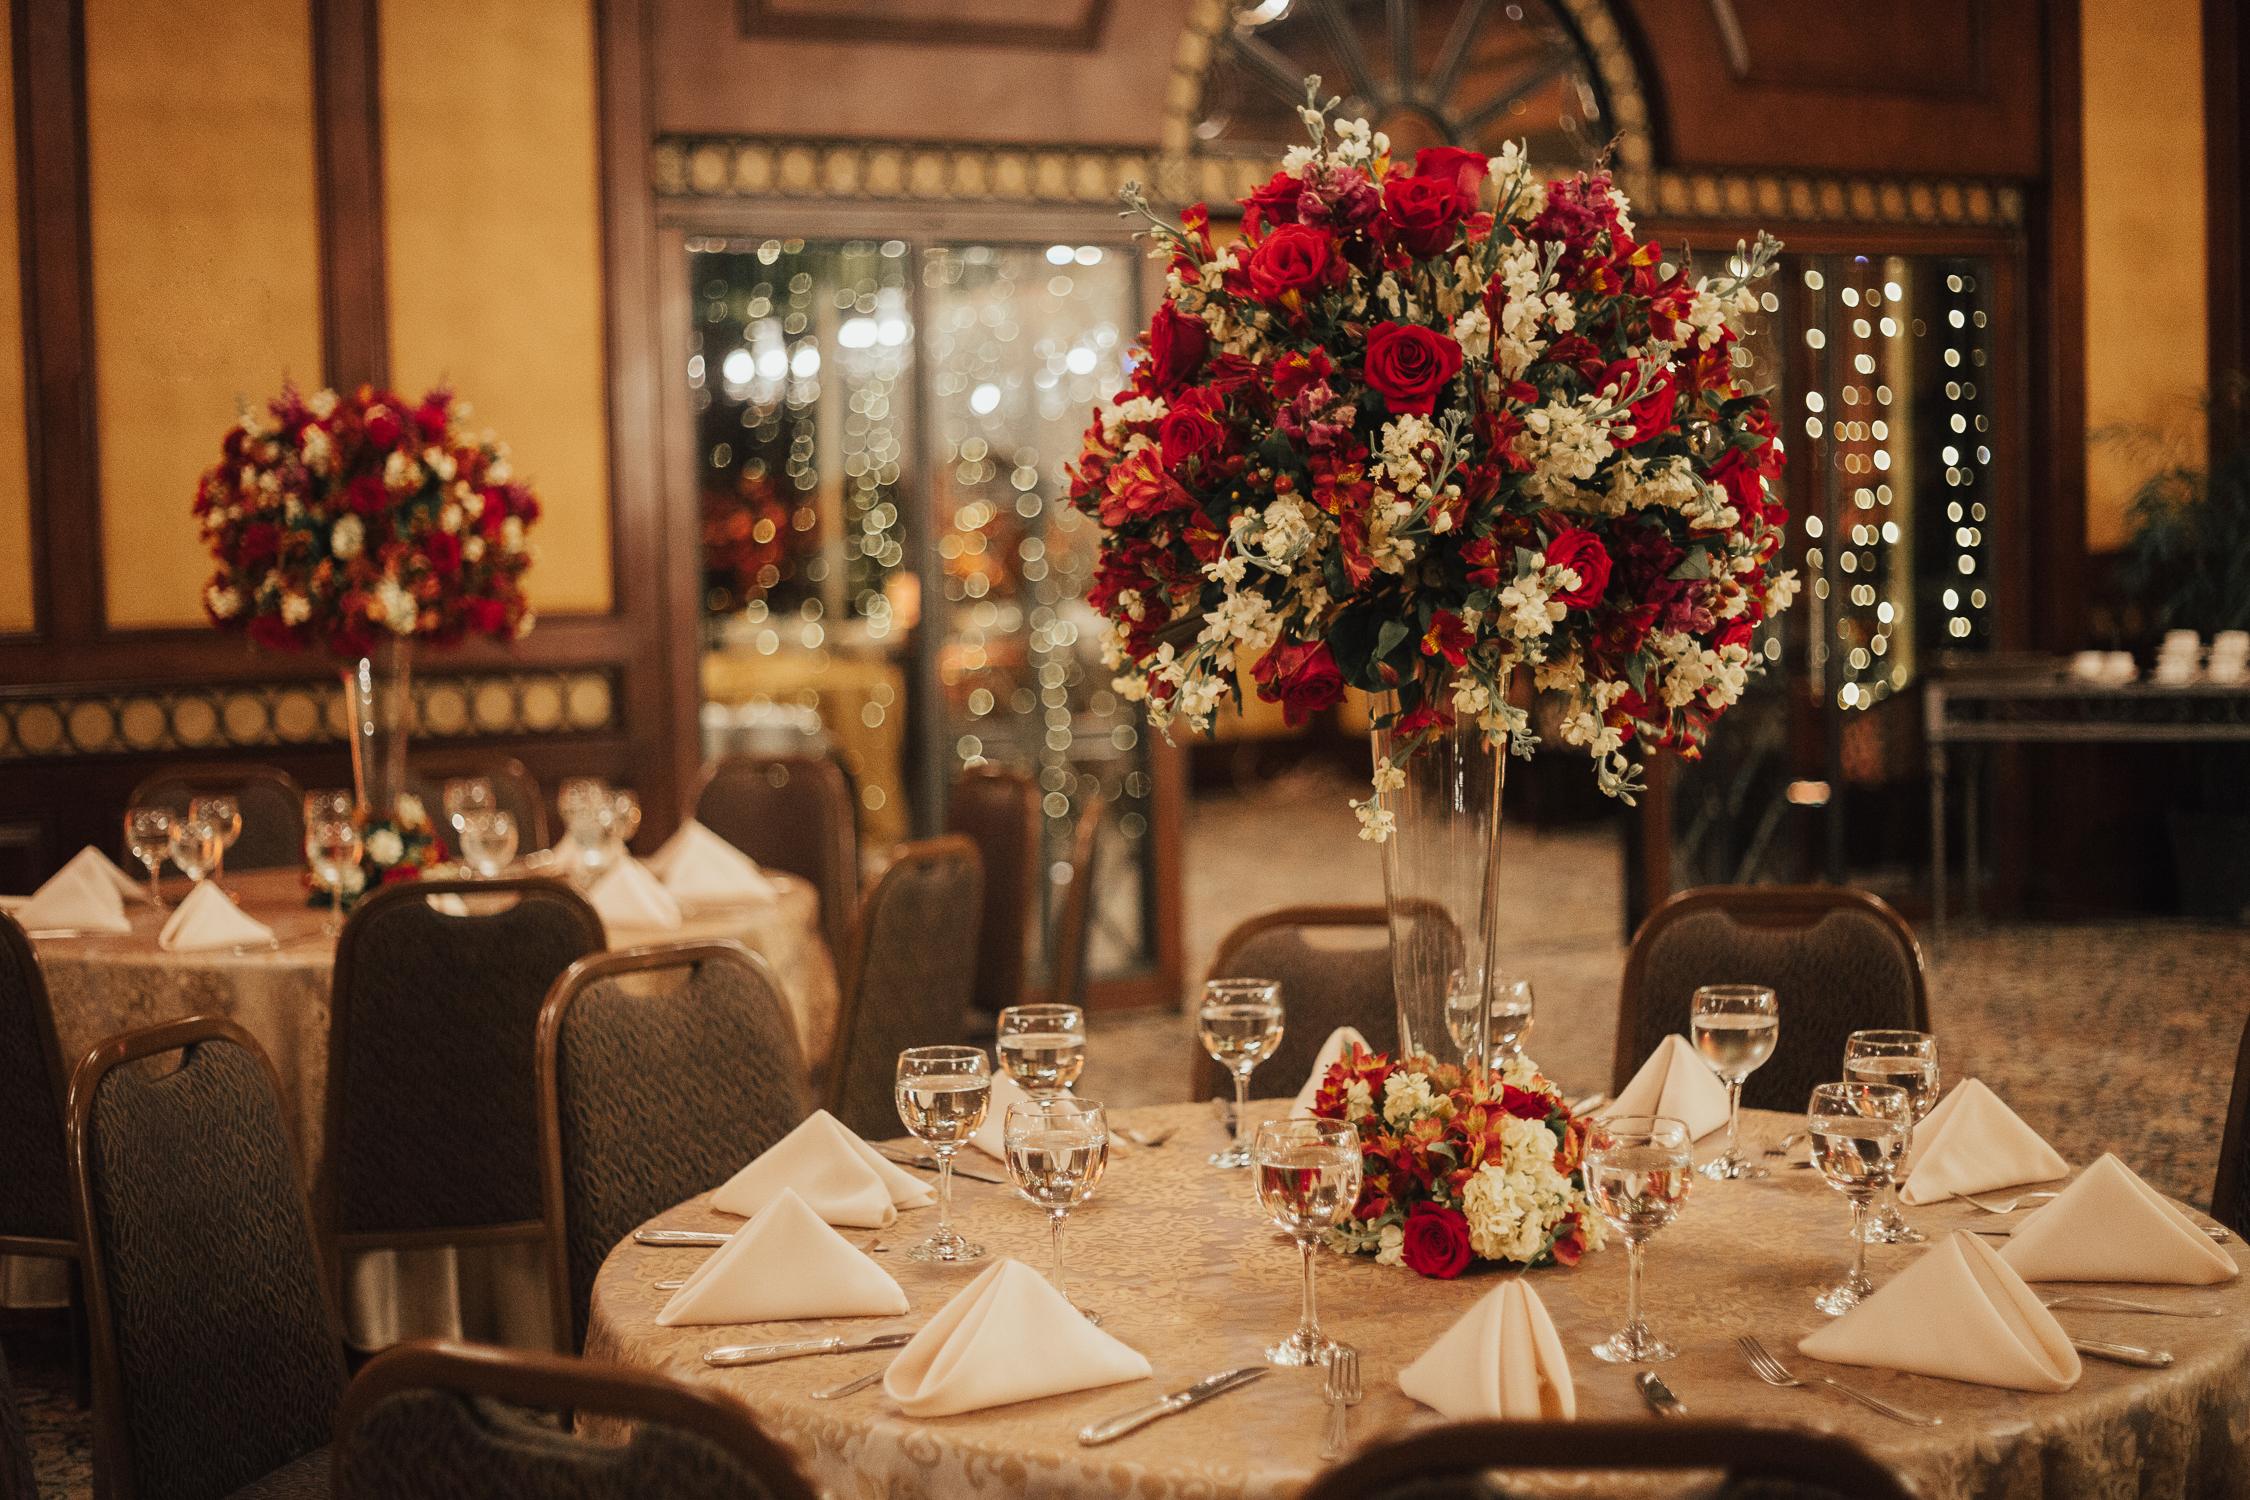 Michelle-Agurto-Fotografia-Bodas-Ecuador-Destination-Wedding-Photographer-Ecuador-Mercedes-Alvaro-108.JPG